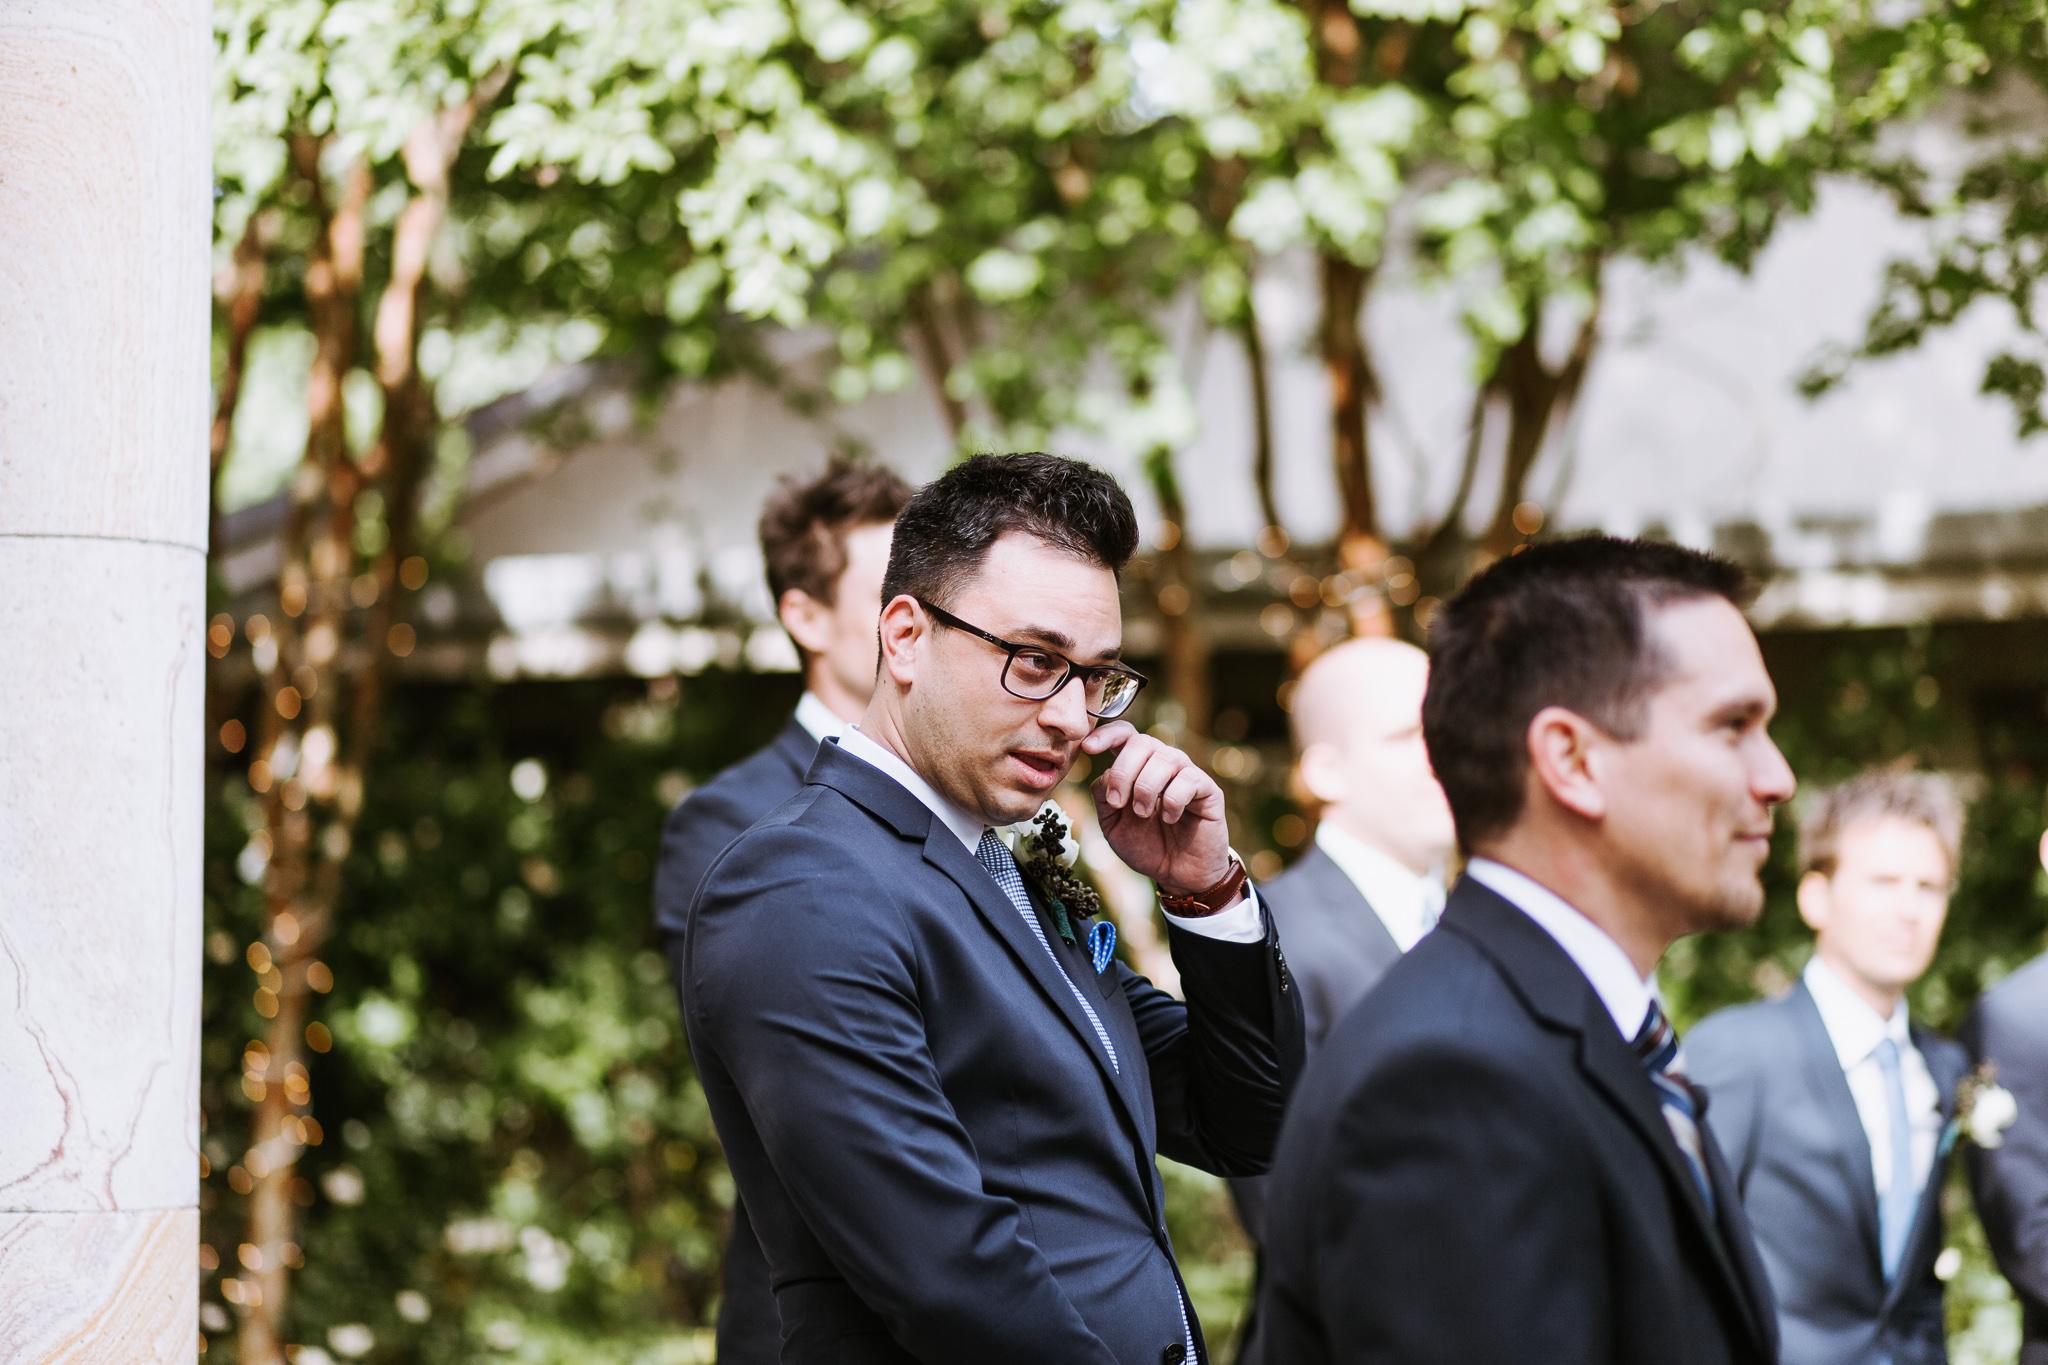 BayArea-Wedding-Photographer-39.jpg